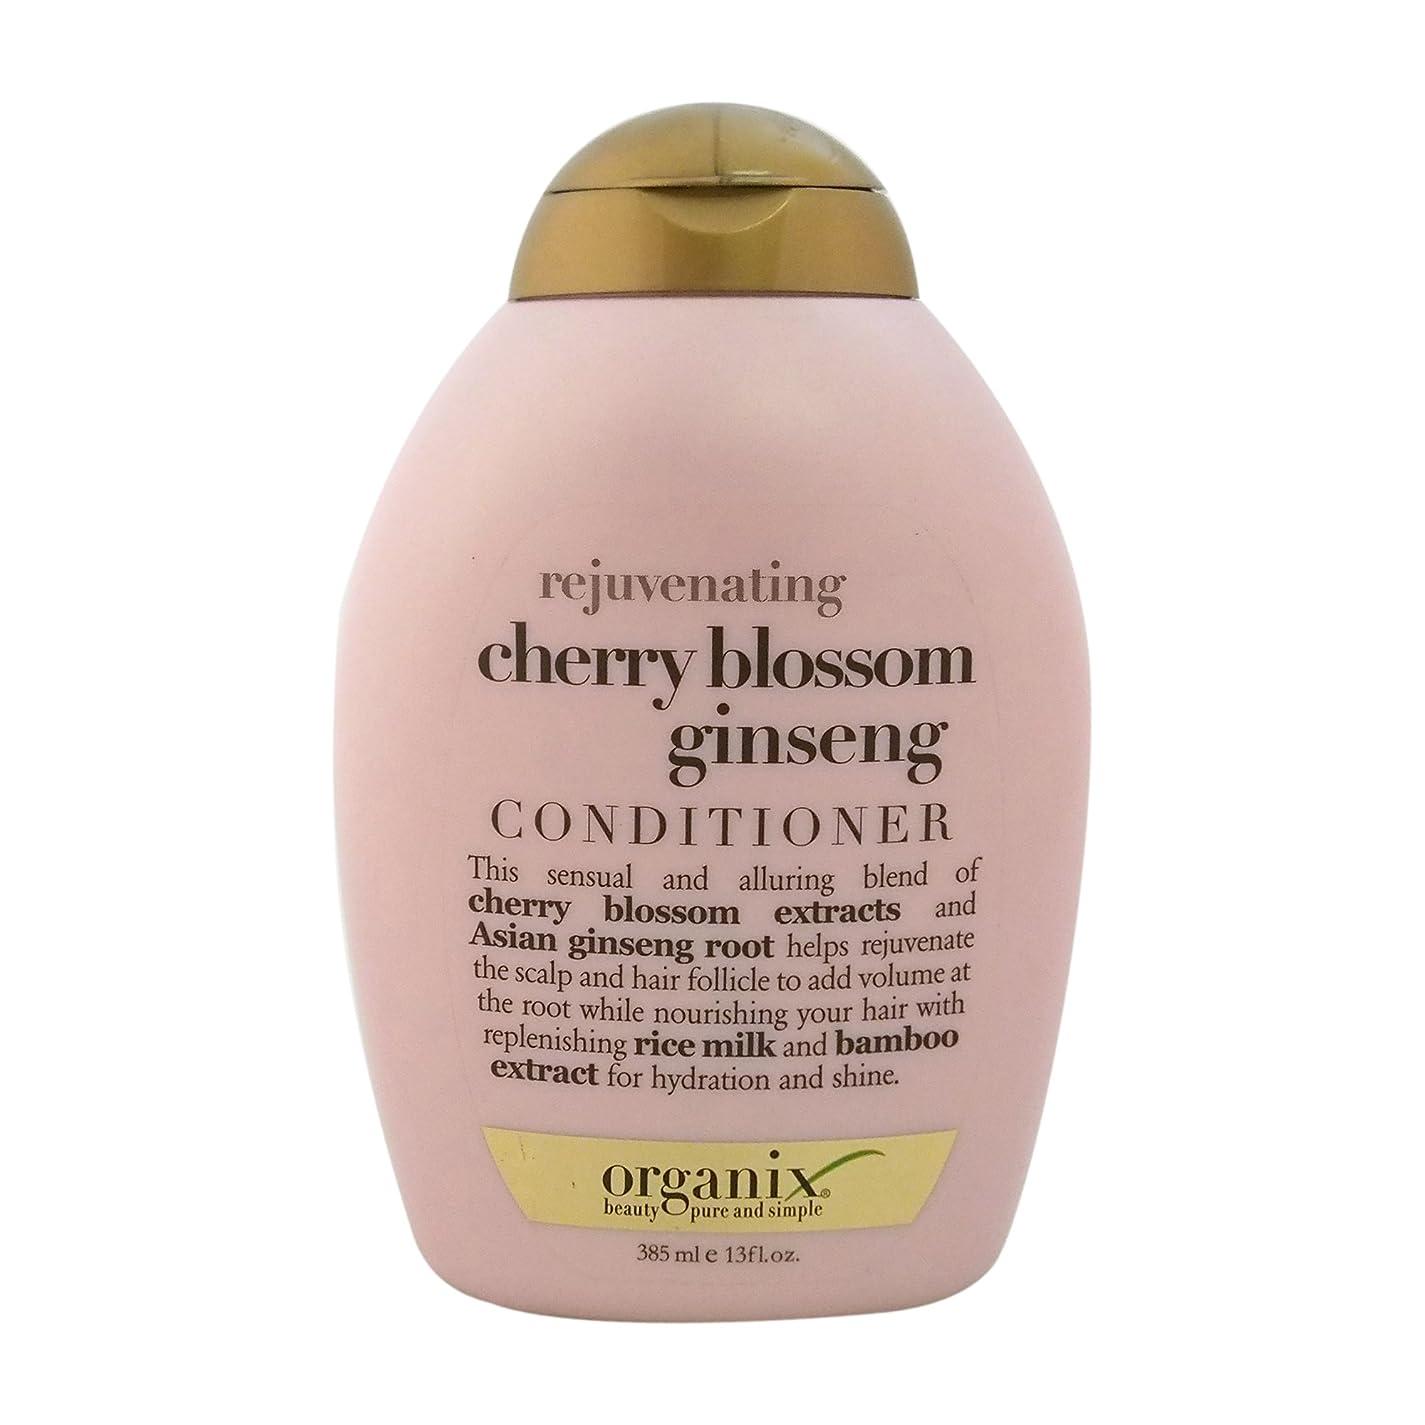 トラクターパトロール受粉するOrganix rejuvenating hair conditioner cherry blossom ginseng - 13 oz (並行輸入品)